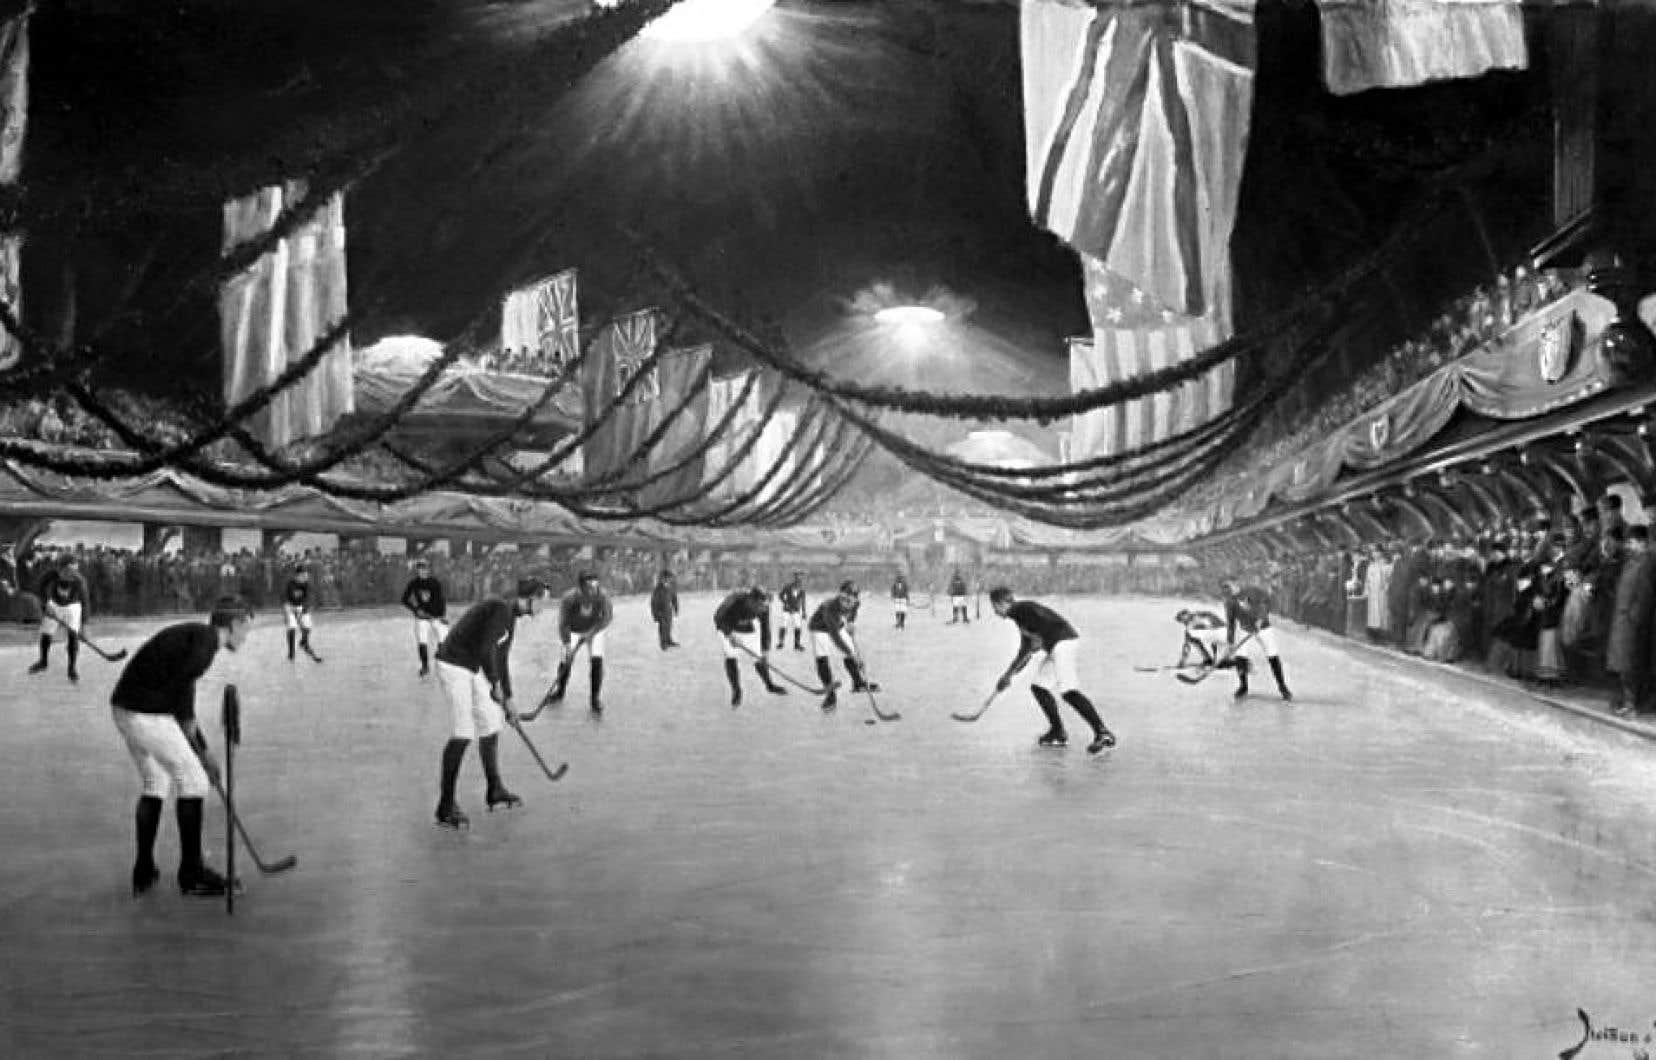 À son ouverture en 1862, le Victoria Skating Rink, rue Drummond, à Montréal, accueille des matchs de hockey (ici en 1893). Il sera également le premier bâtiment électrifié du Canada.